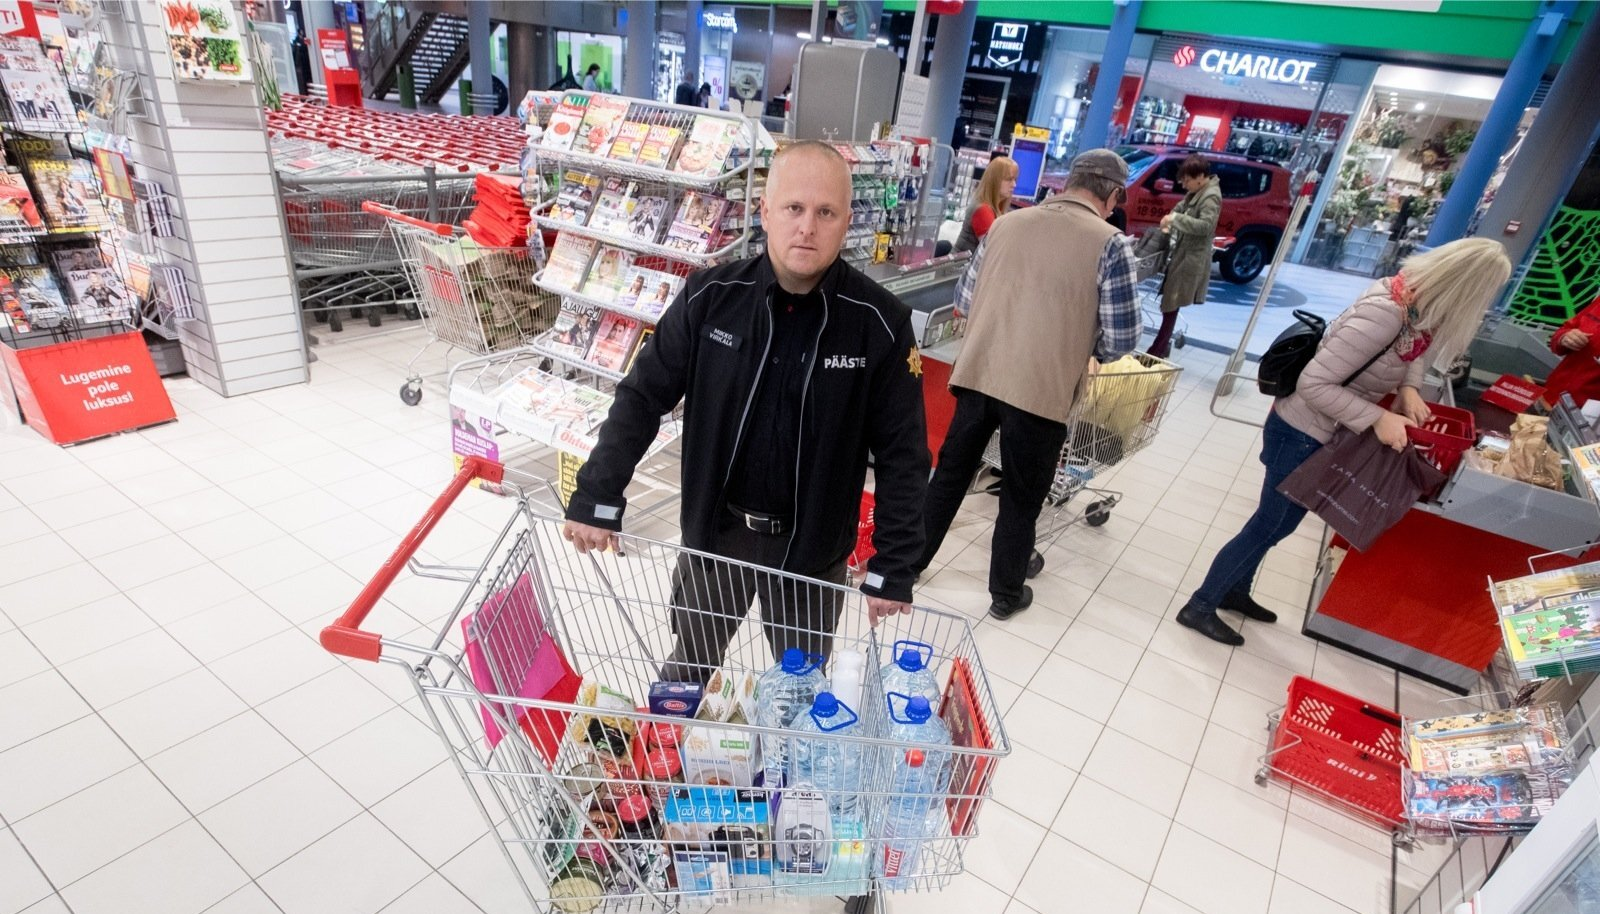 Päästeameti ennetustöö osakonna ekspert Mikko Virkala pani kokku ostukorvi, milles on olemas nädalaseks ellujäämiseks vajalik, sealhulgas 21 liitrit vett ja hulganisti magusat.